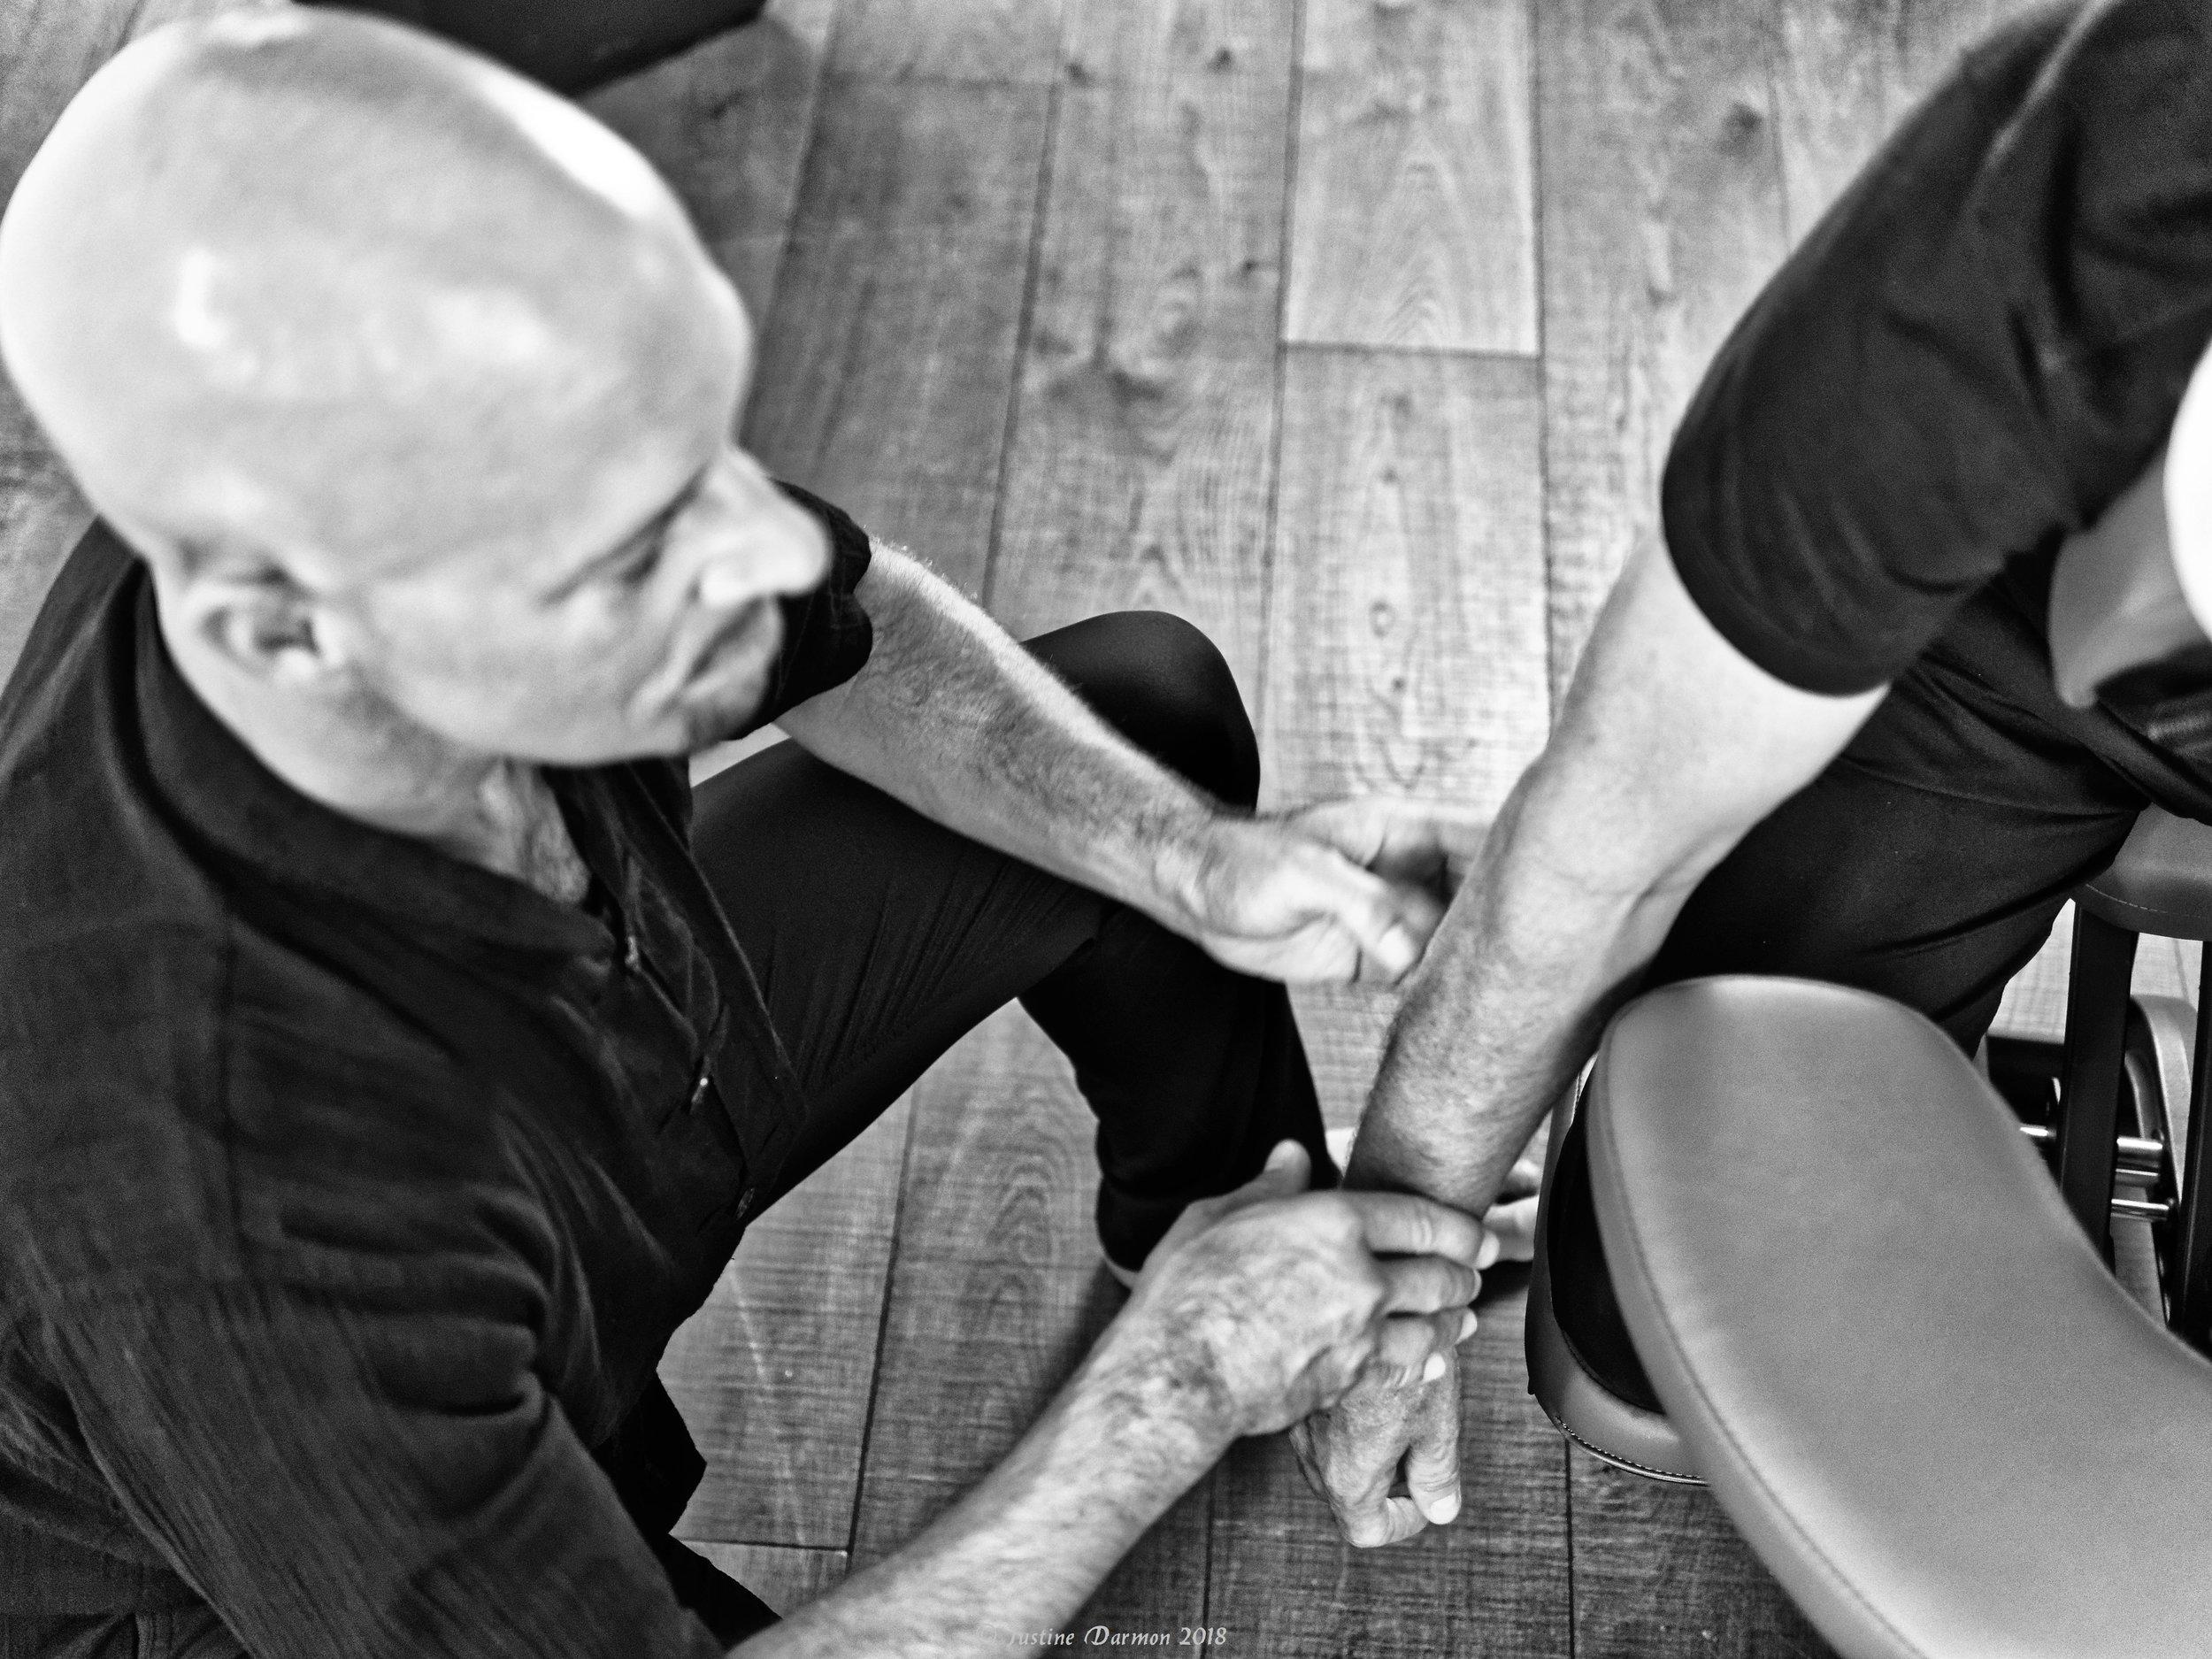 bien-être au travail, prévention, troubles musculo-squelettiques. Pensez au shiatsu! . Cédric Peretou, vital shiatsu 13 Arles